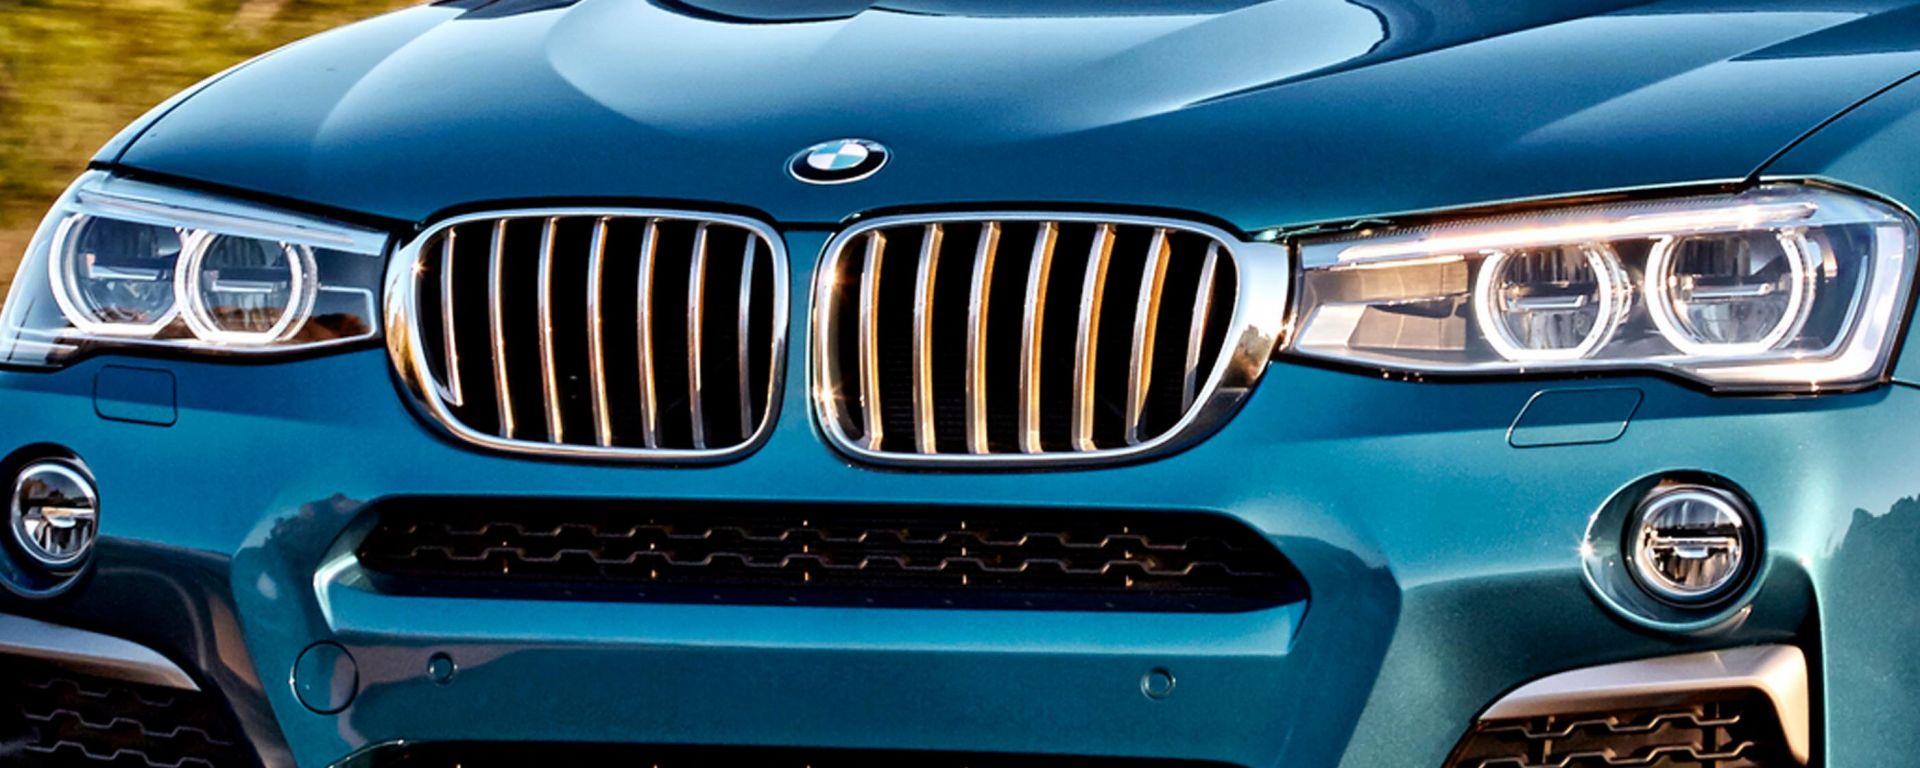 BMW X2: al Salone di Parigi 2016 debutterà una concept della versione coupé della X1